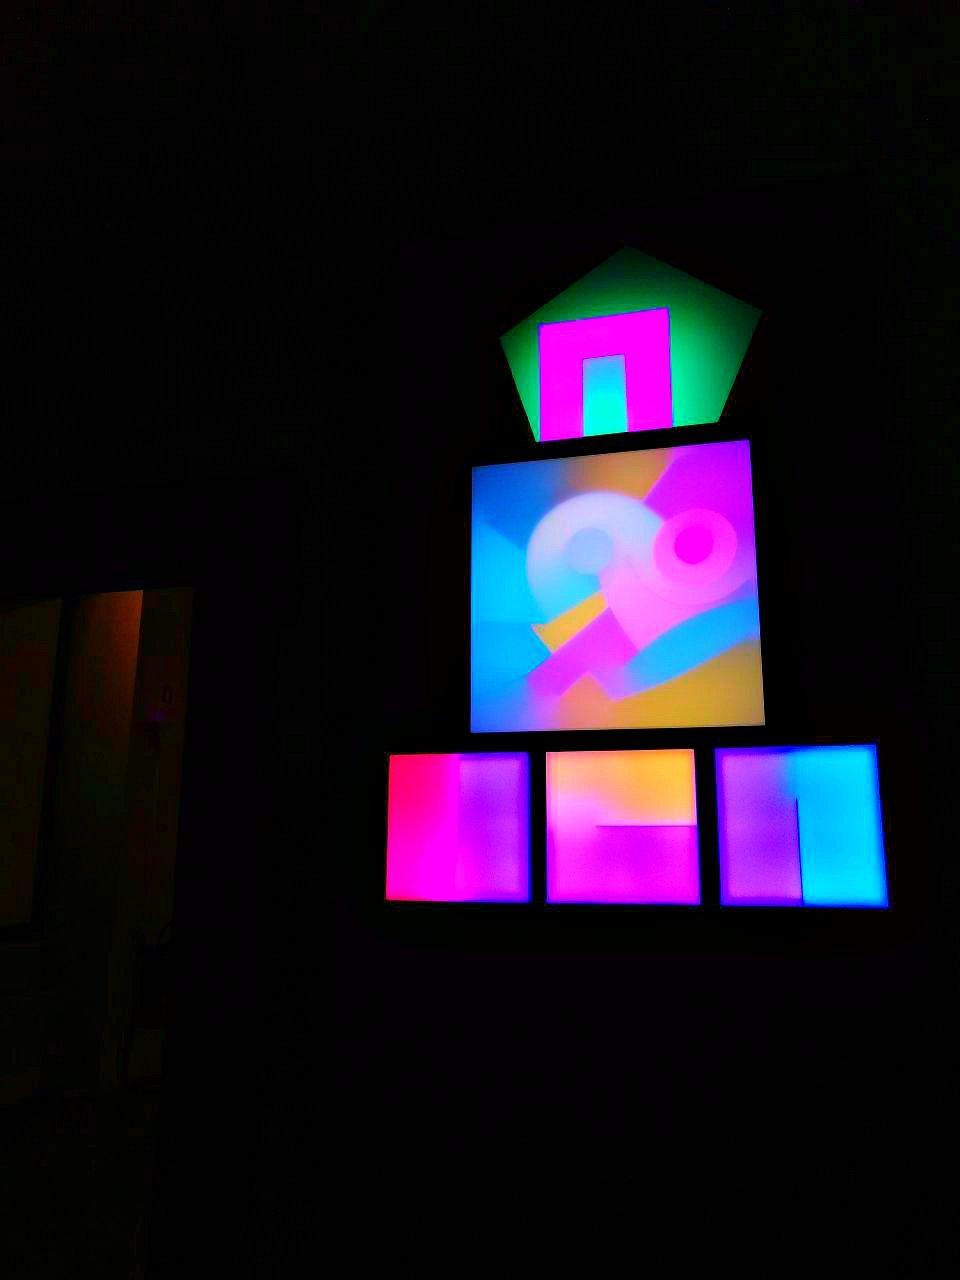 Reflected. Sacro e trascendentale secondo Brian Eno alla Galleria Nazionale dell'Umbria.